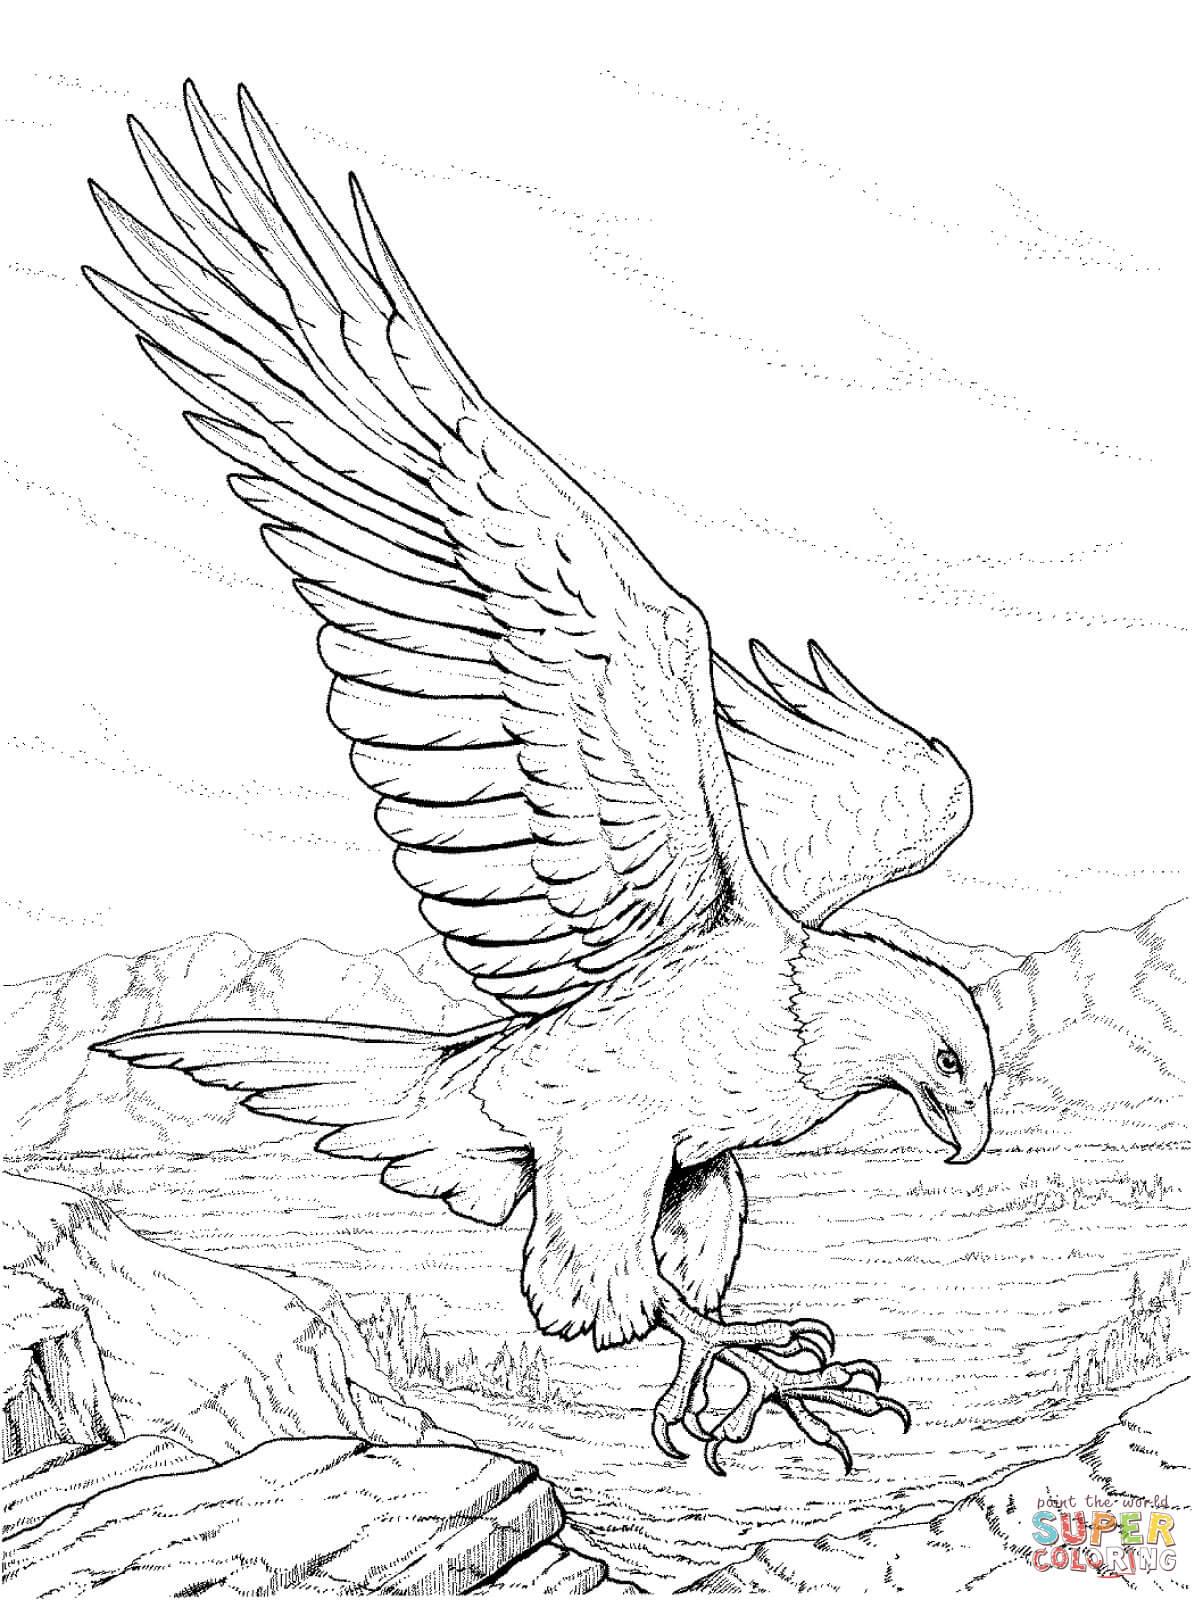 Disegno Di Aquila Calva Del Nordamerica Da Colorare